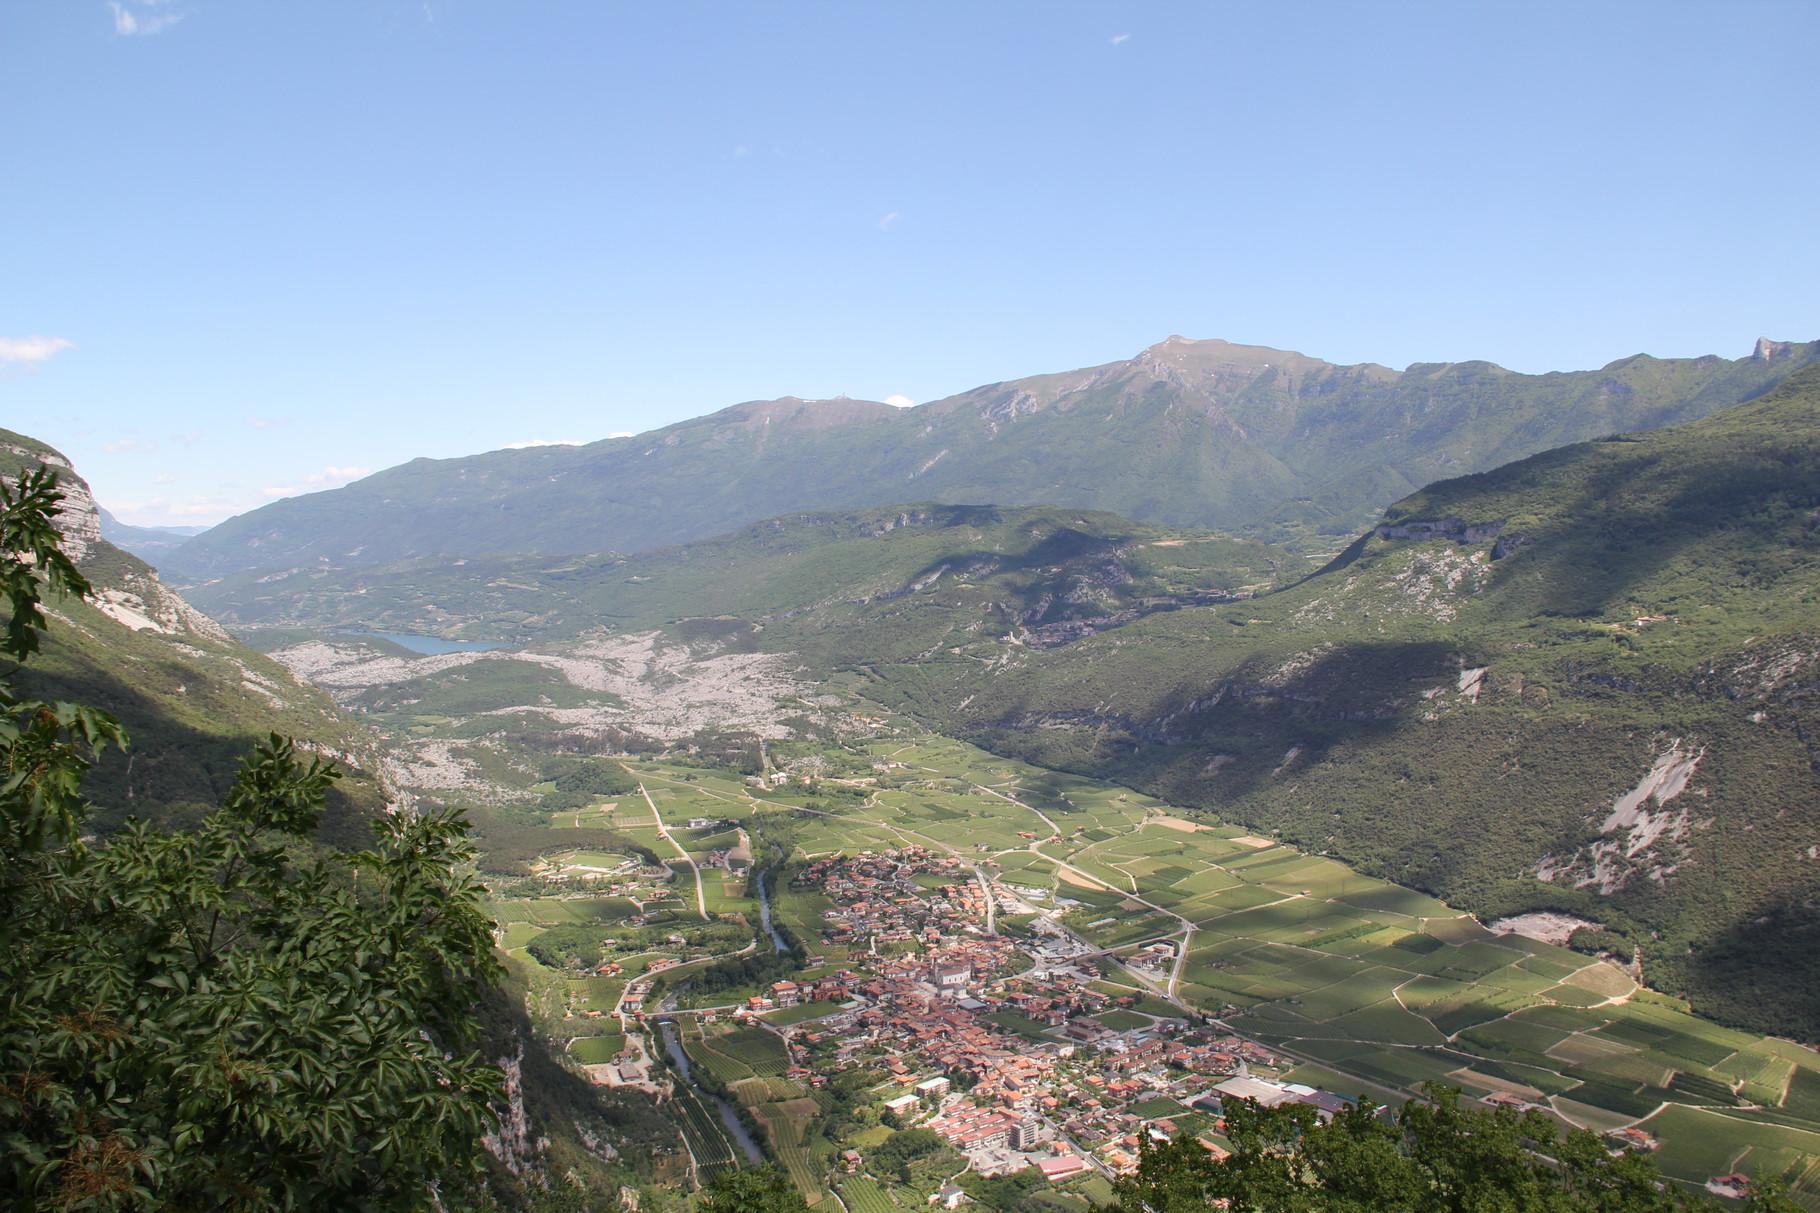 Blick auf den Lago di Cavedine